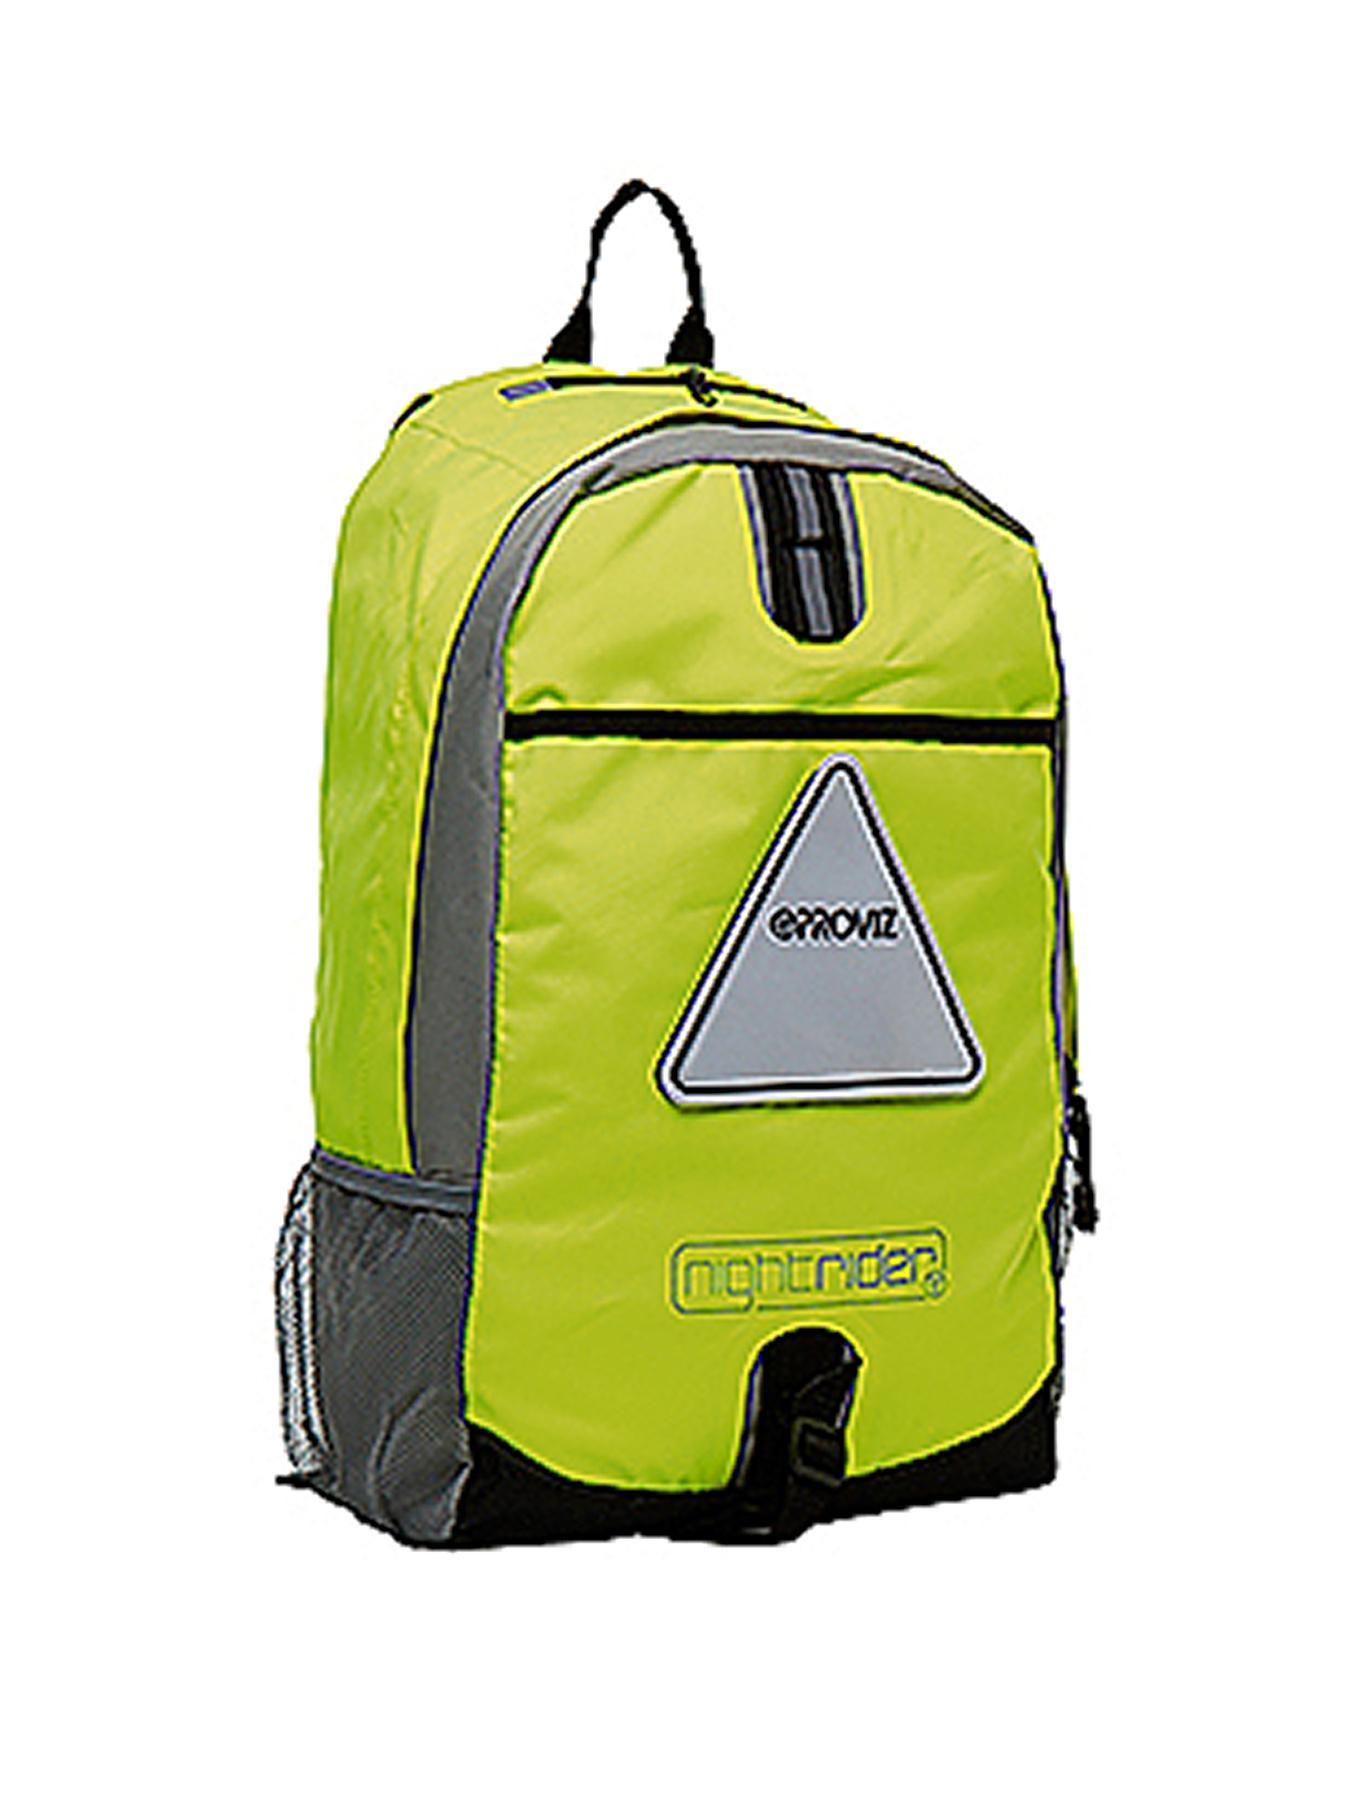 PROVIZ Triviz Nightrider Large 30-Litre Rucksack - Yellow